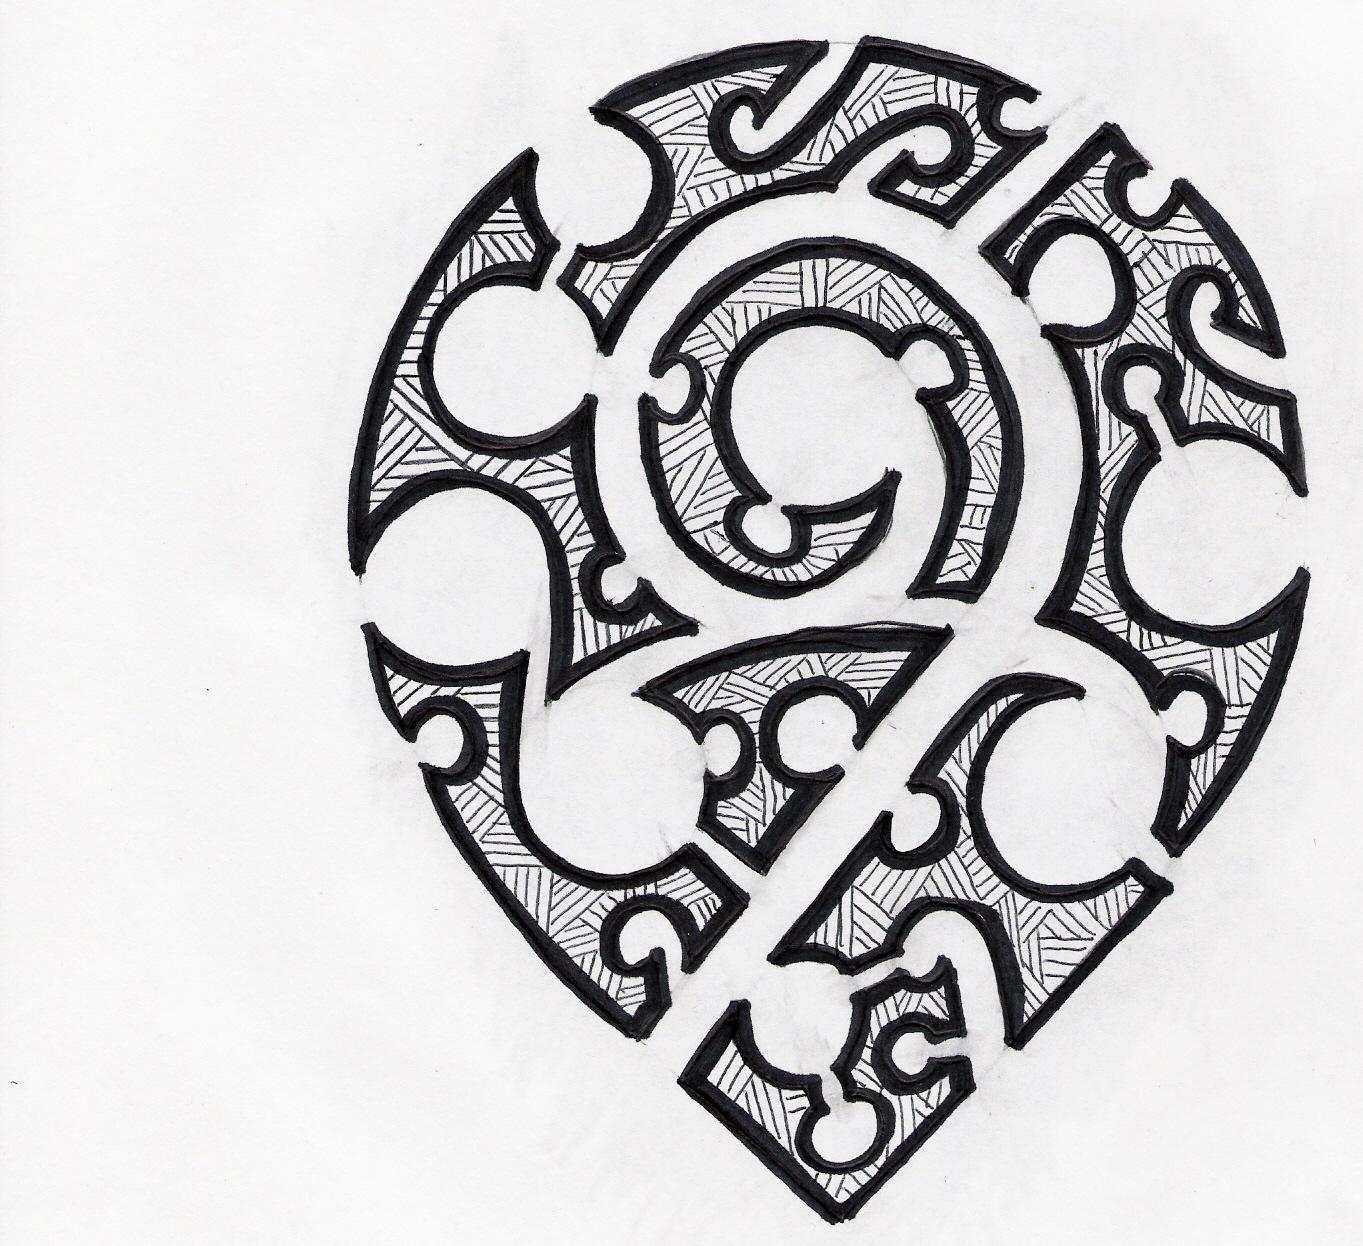 Maori 2 by moneyshot5148 on DeviantArt